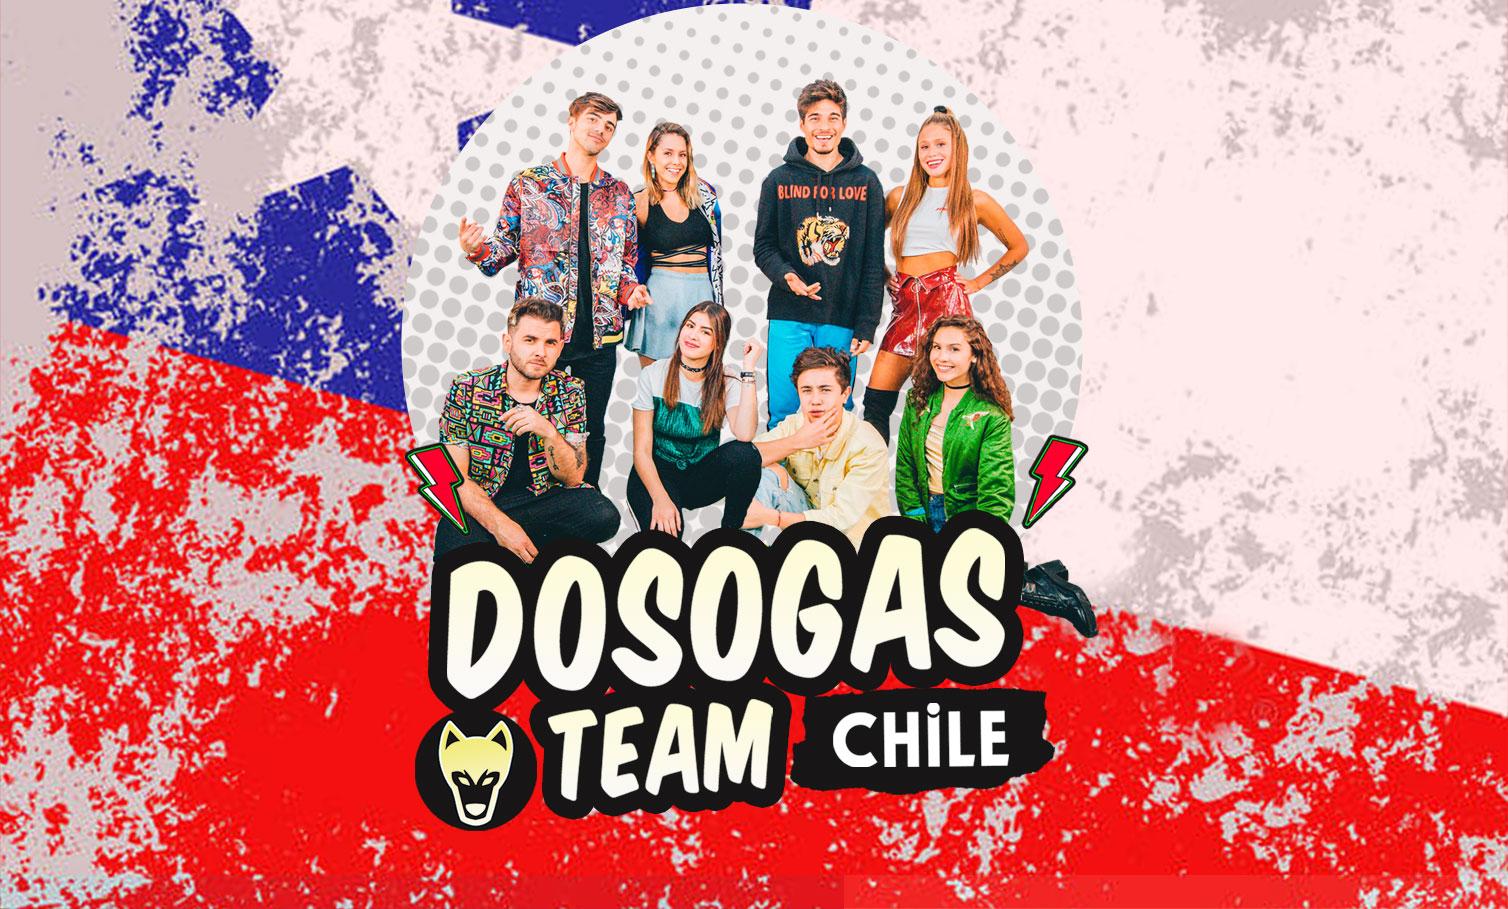 Dosogas Team Chile